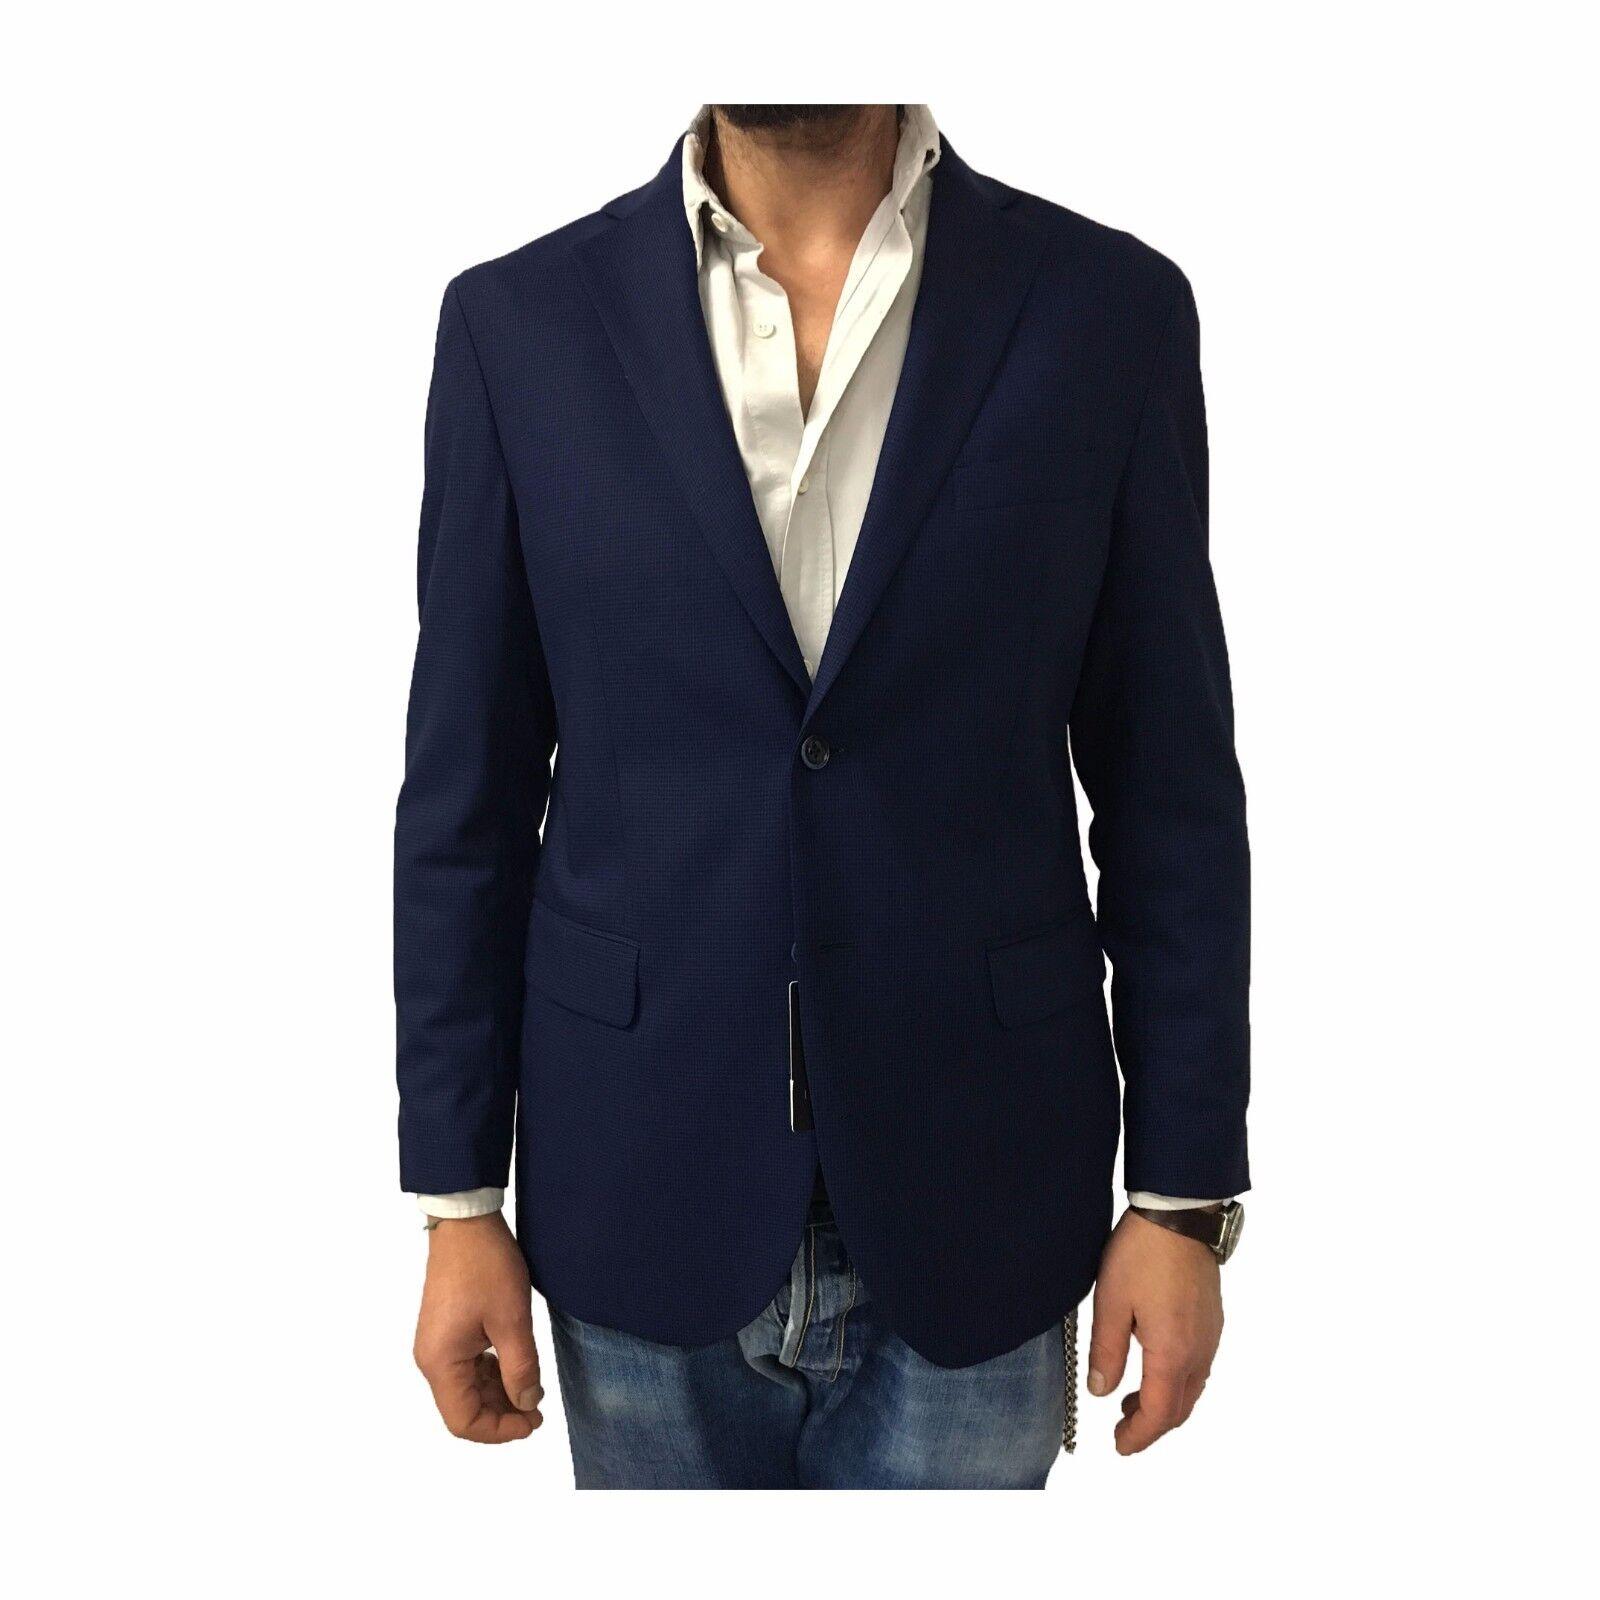 LUIGI BIANCHI MANTOVA giacca   sfoderata micro quadri lana blu/moro 100% lana quadri 87667a